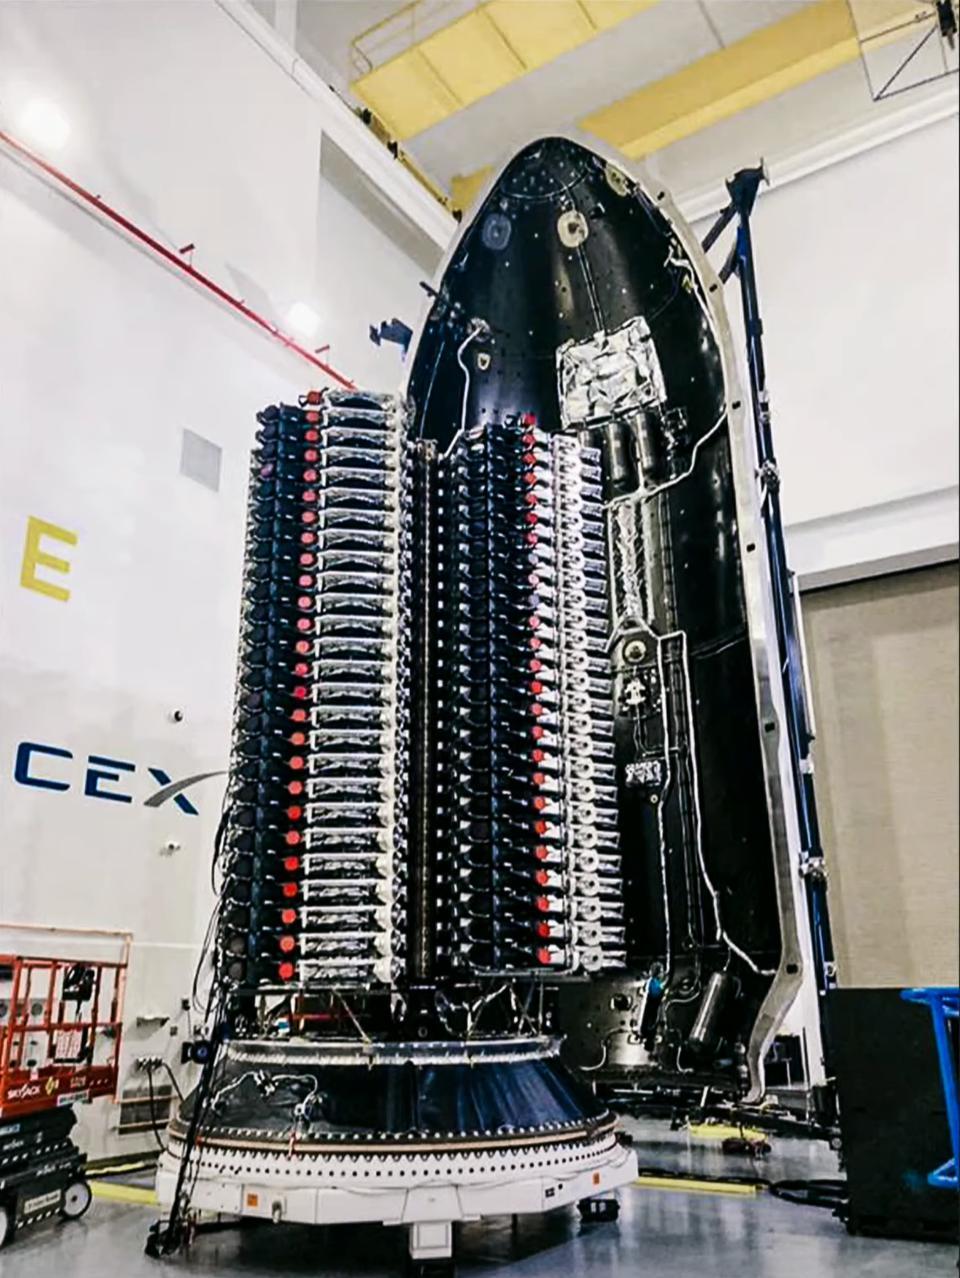 Starlink 2-1 V1.5 satellite stack (SpaceX) 1 (c)